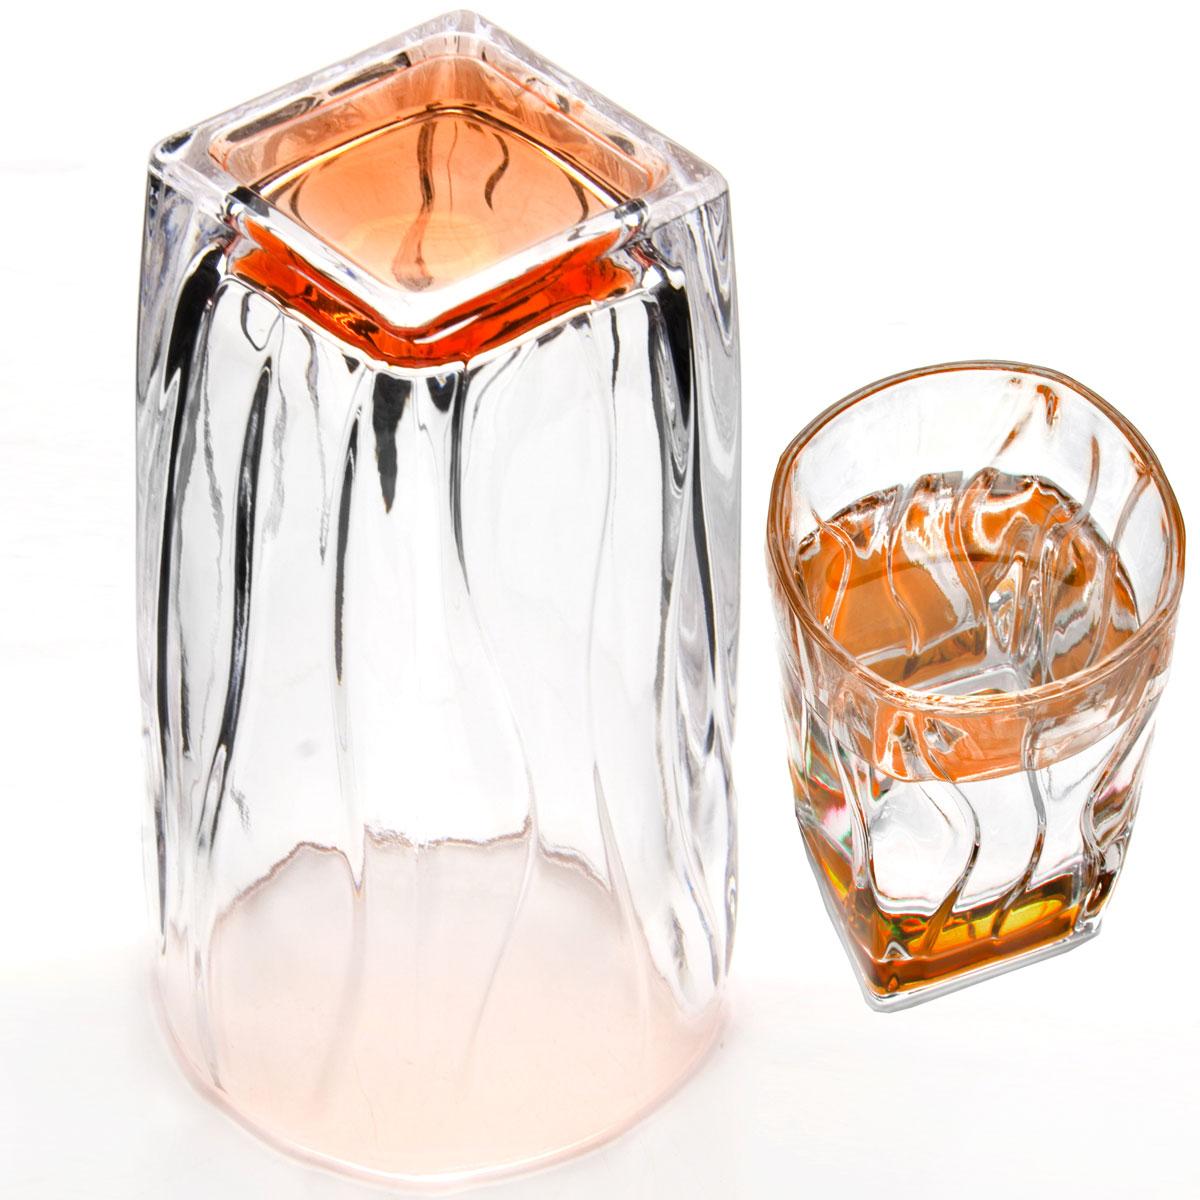 Набор стаканов Loraine, 290 мл, 6 шт. 2407324073Набор Loraine состоит из шести стаканов, выполненных из высококачественного стекла в мягких тонах с оригинальным дизайном. Стаканы предназначены для подачи воды, сока и других напитков. Они излучают приятный блеск и издают мелодичный звон. Такой набор прекрасно оформит праздничный стол и создаст приятную атмосферу за романтическим ужином.Не рекомендуется мыть в посудомоечной машине.Изделия подходят для хранения в холодильнике.Диаметр стакана (по верхнему краю): 7 см.Высота стакана: 12 см.